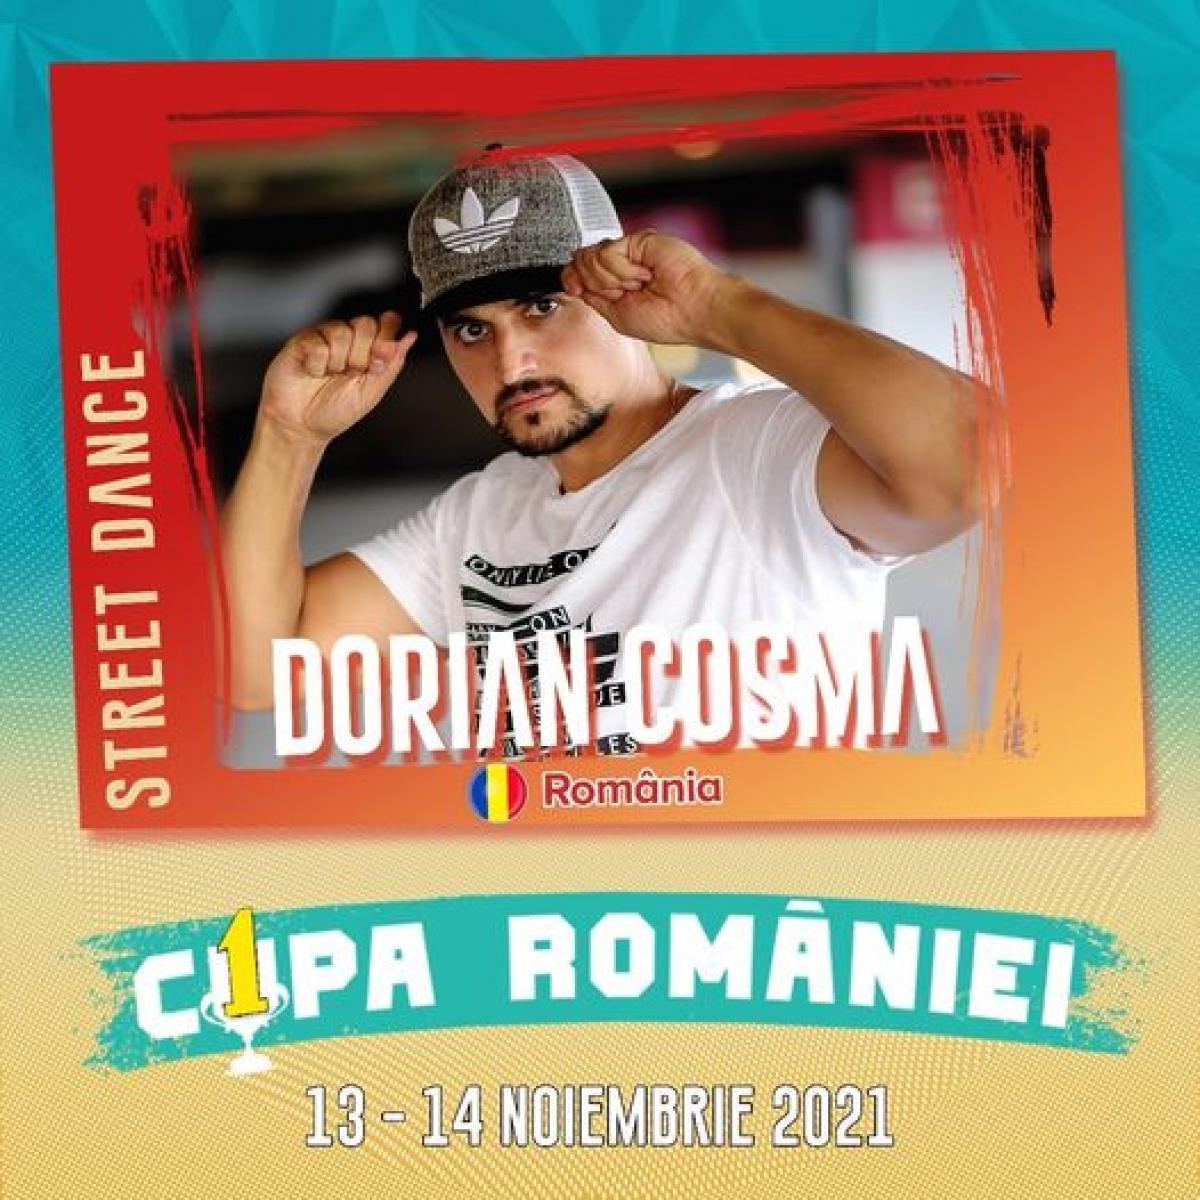 STREET DANCE: CUPA ROMÂNIEI SE VA DESFĂȘURA ÎN PERIOADA 13-14 NOIEMBRIE